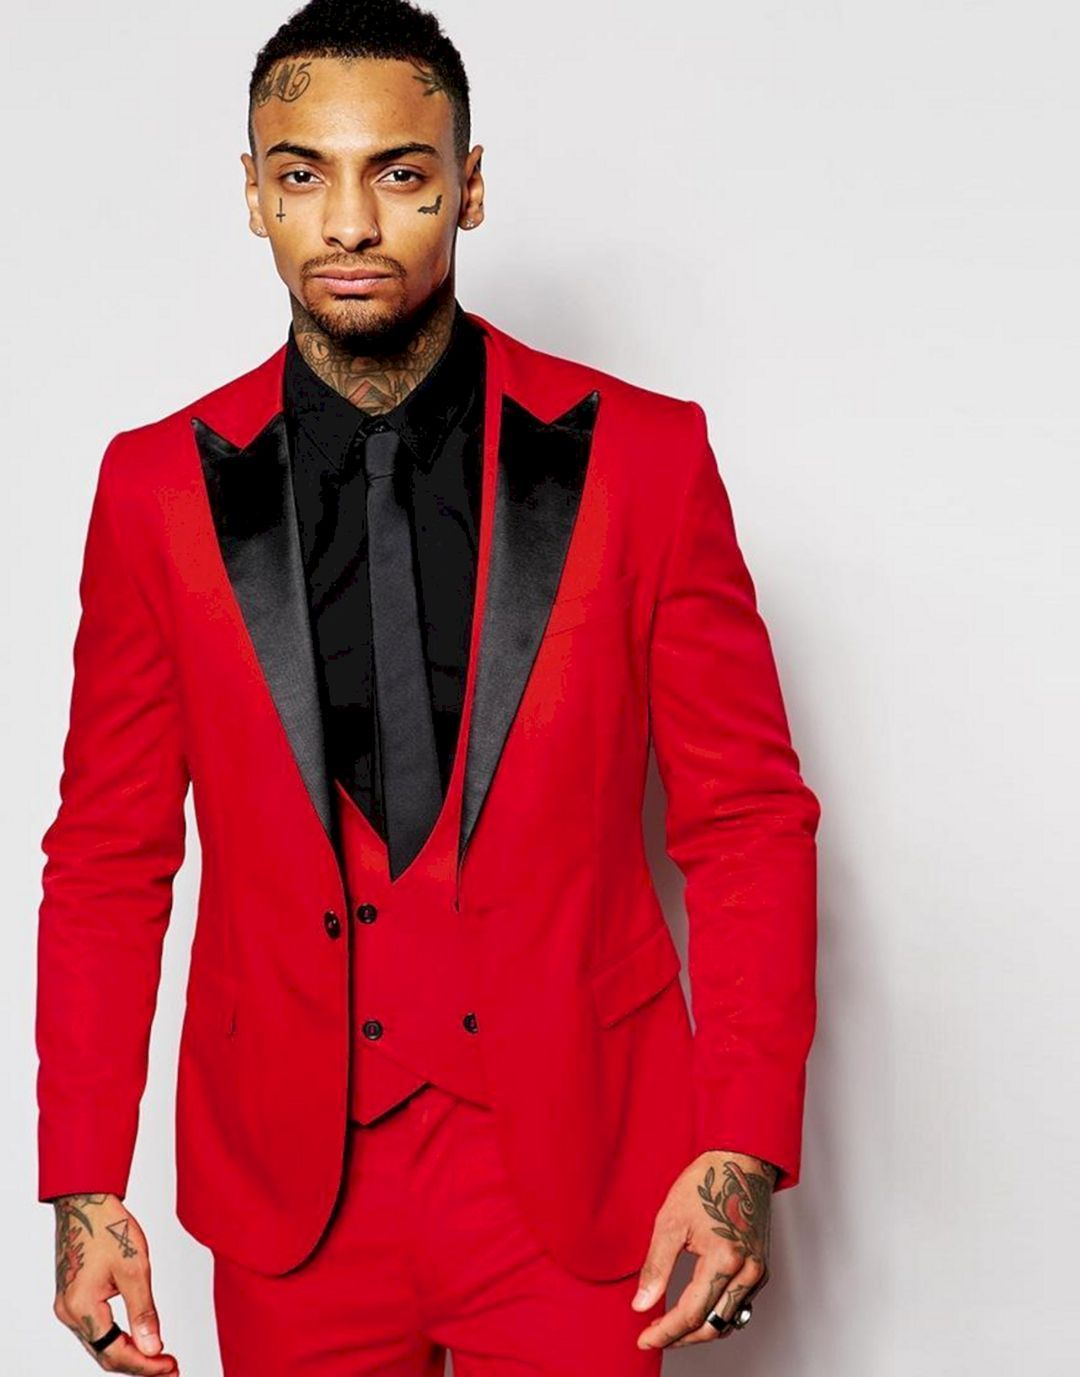 25 Marvelous Red Black And White Wedding Tuxedo Ideas Wedding Suits Groomsmen Wedding Suits Men Groom Tuxedo [ 1377 x 1080 Pixel ]